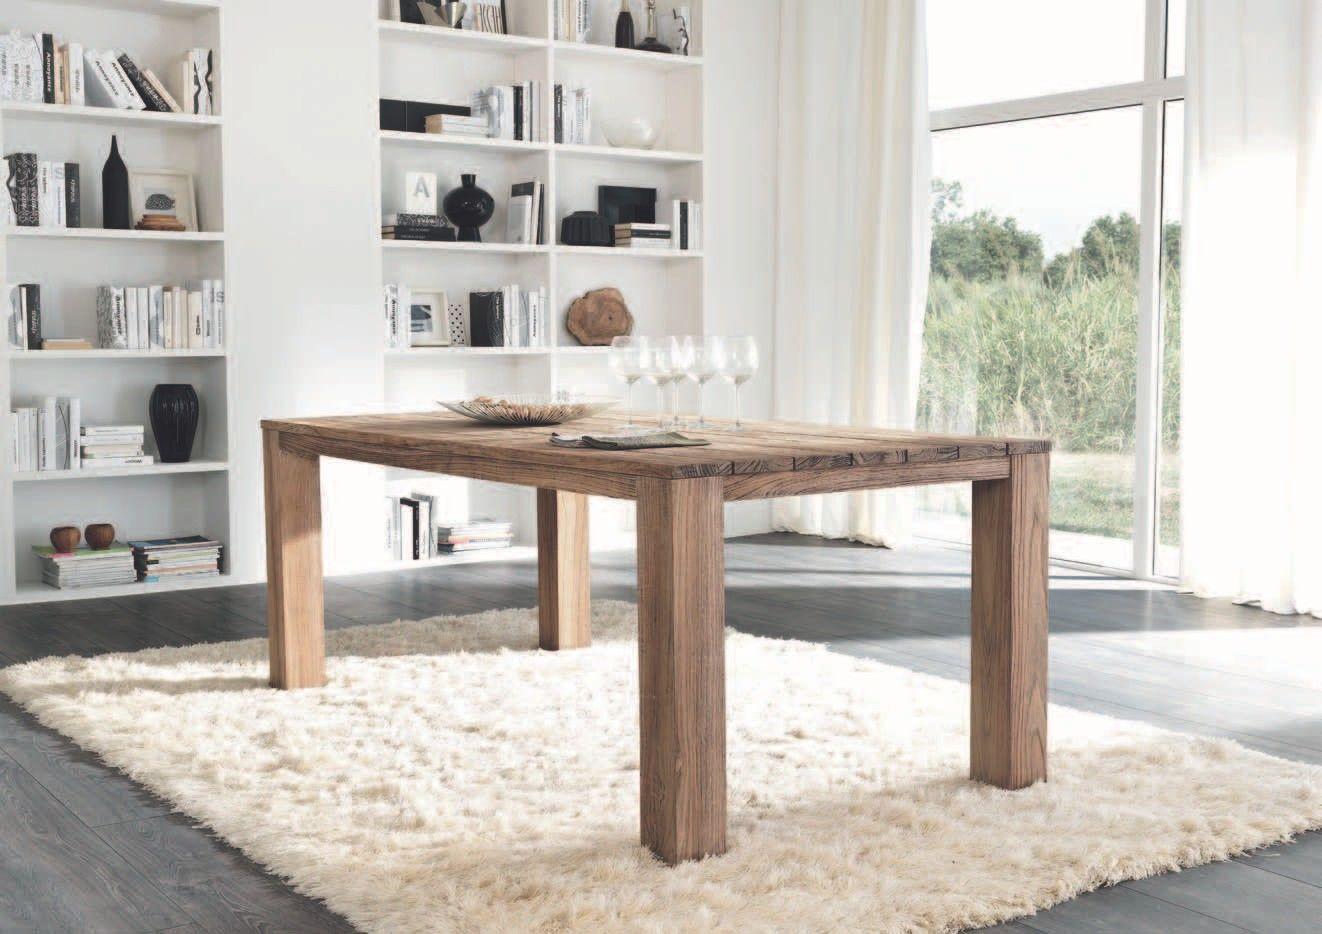 Muebles r sticos muebles madera natural decoraci n con for Muebles rusticos de madera